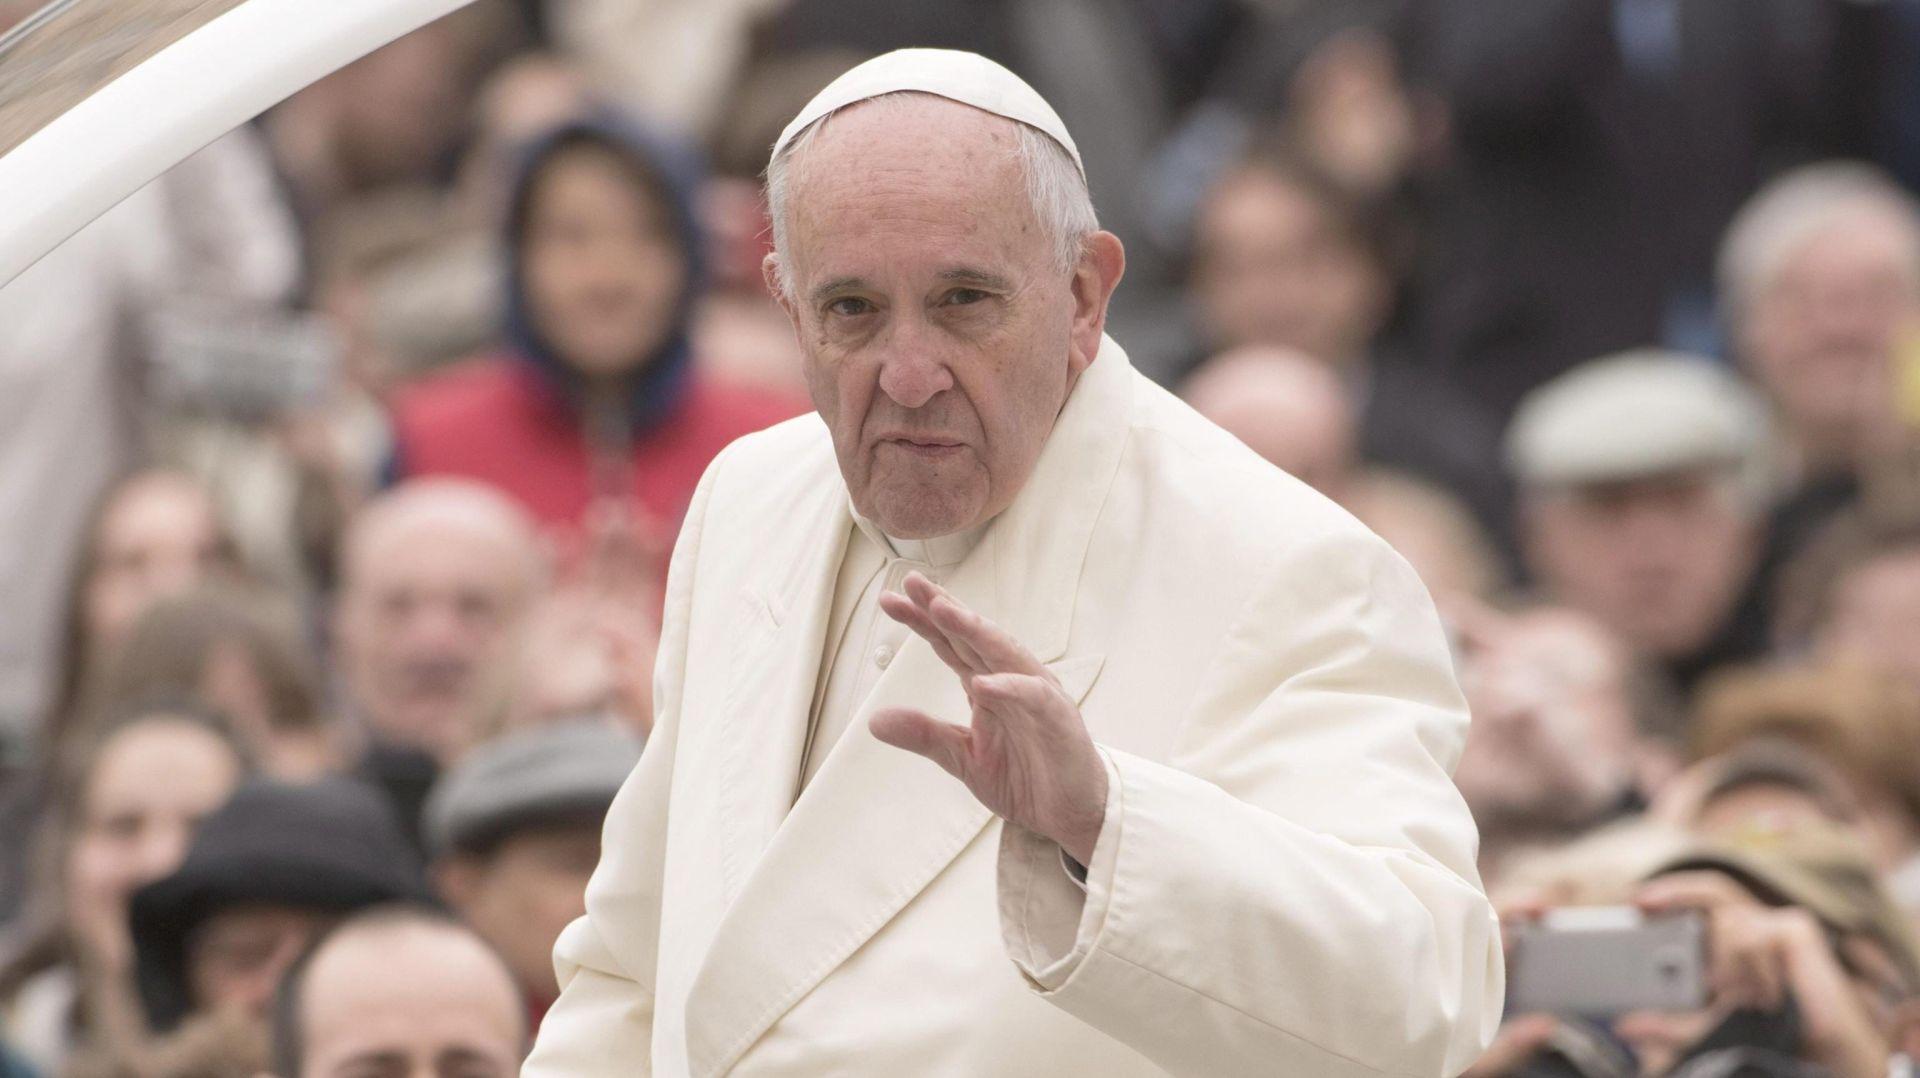 ISTRAŽIVANJE Papa Franjo popularniji od svih političkih svjetskih čelnika